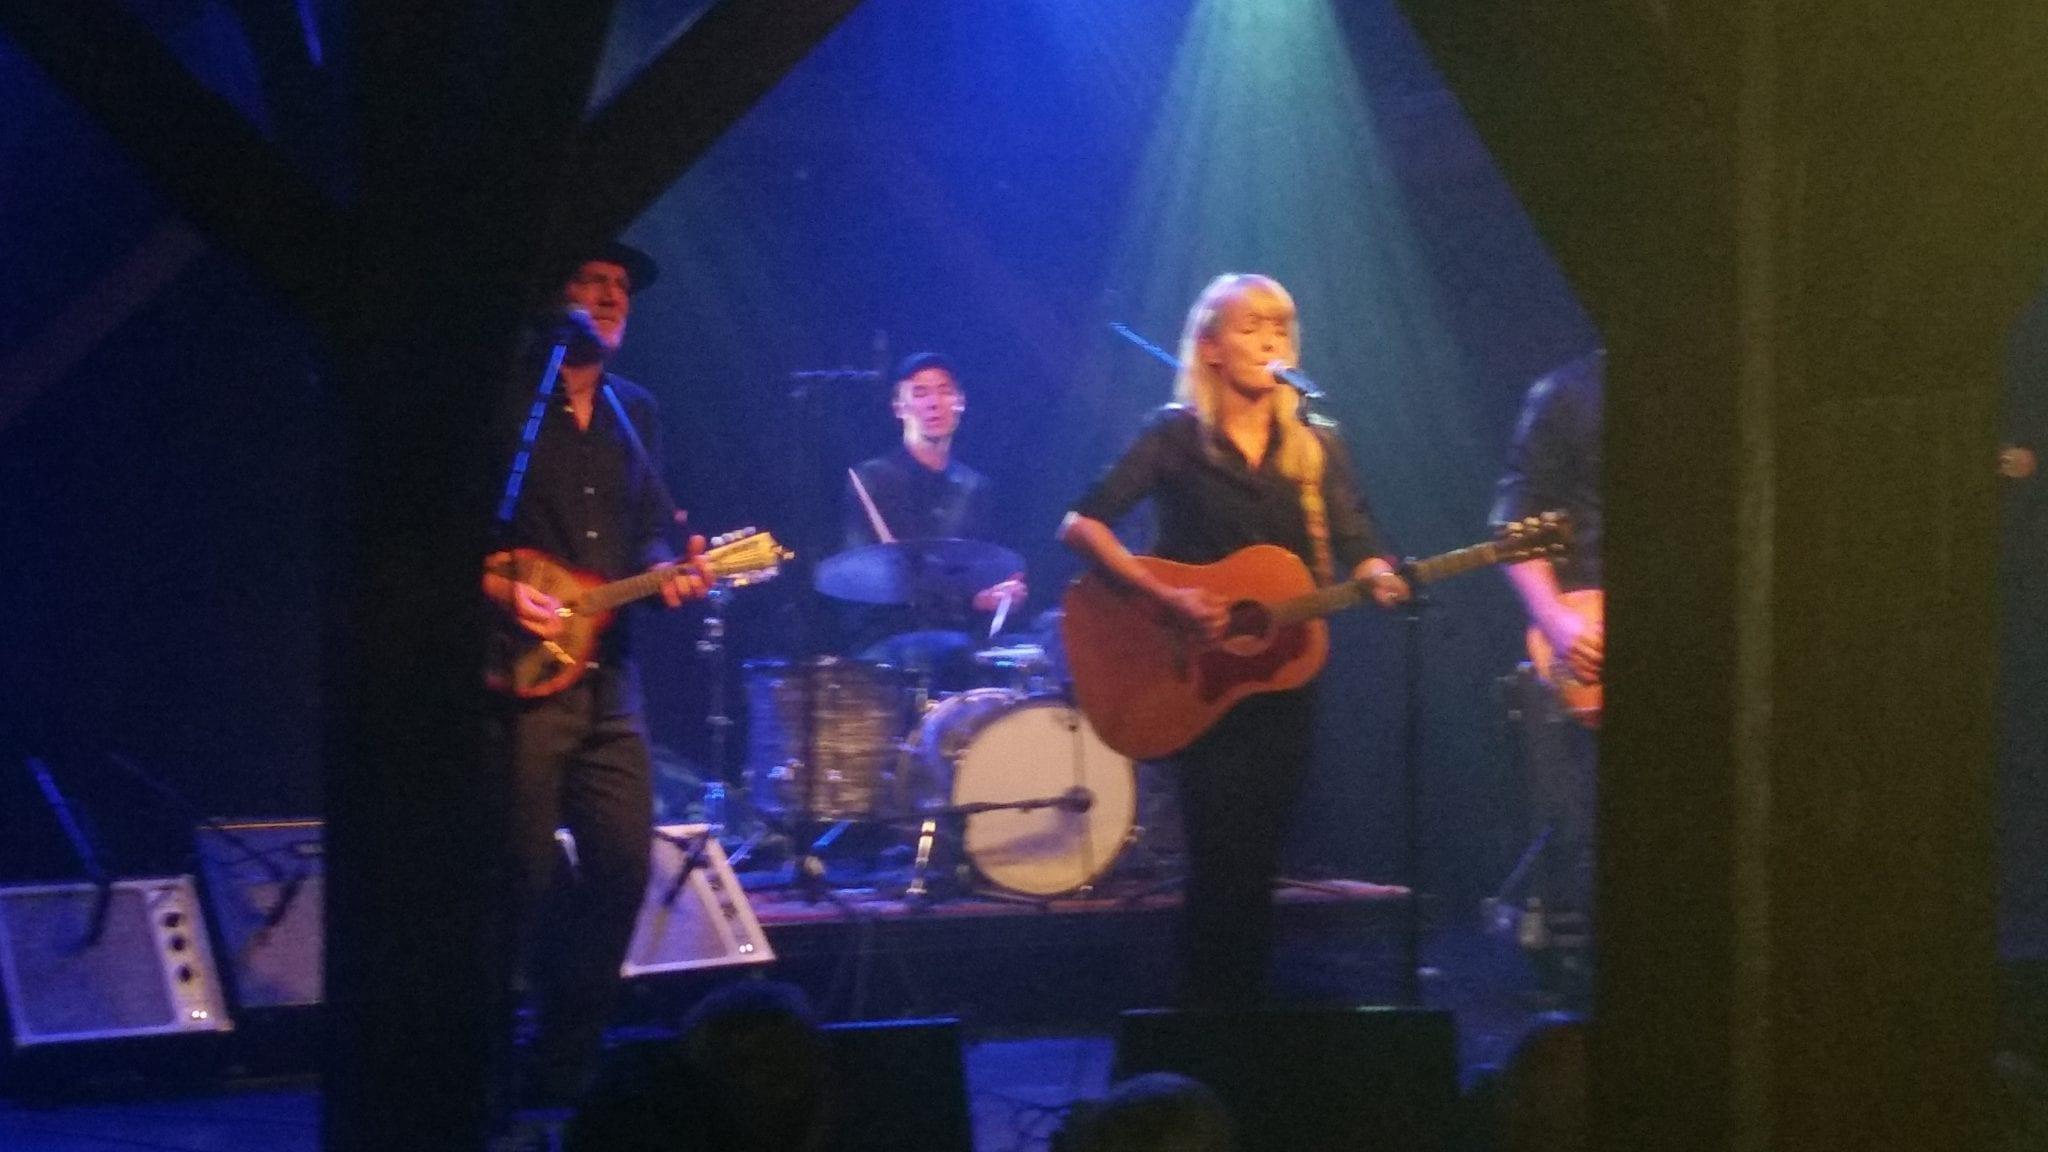 Signe Svendsen med band Tøjhuset 2018 (Foto: Caes Andersen)